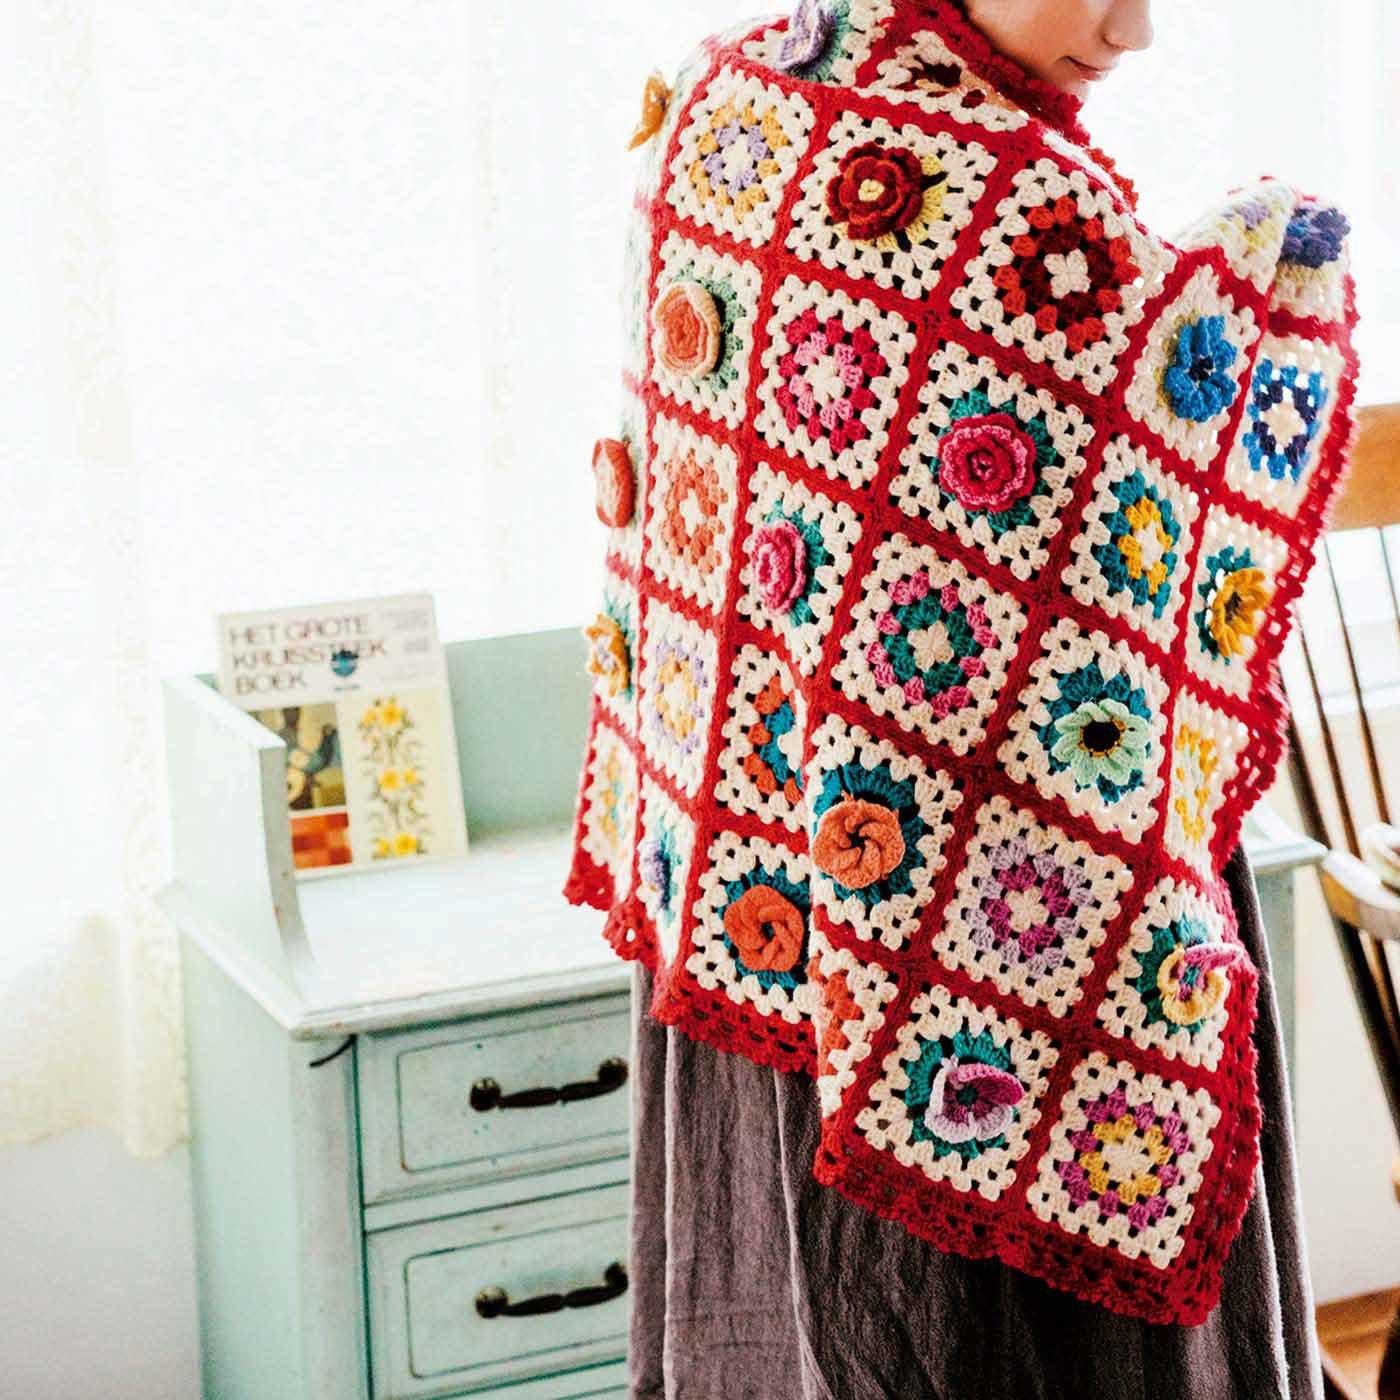 イングリッシュガーデンのお花たち かぎ針編みのカラフルモチーフブランケット